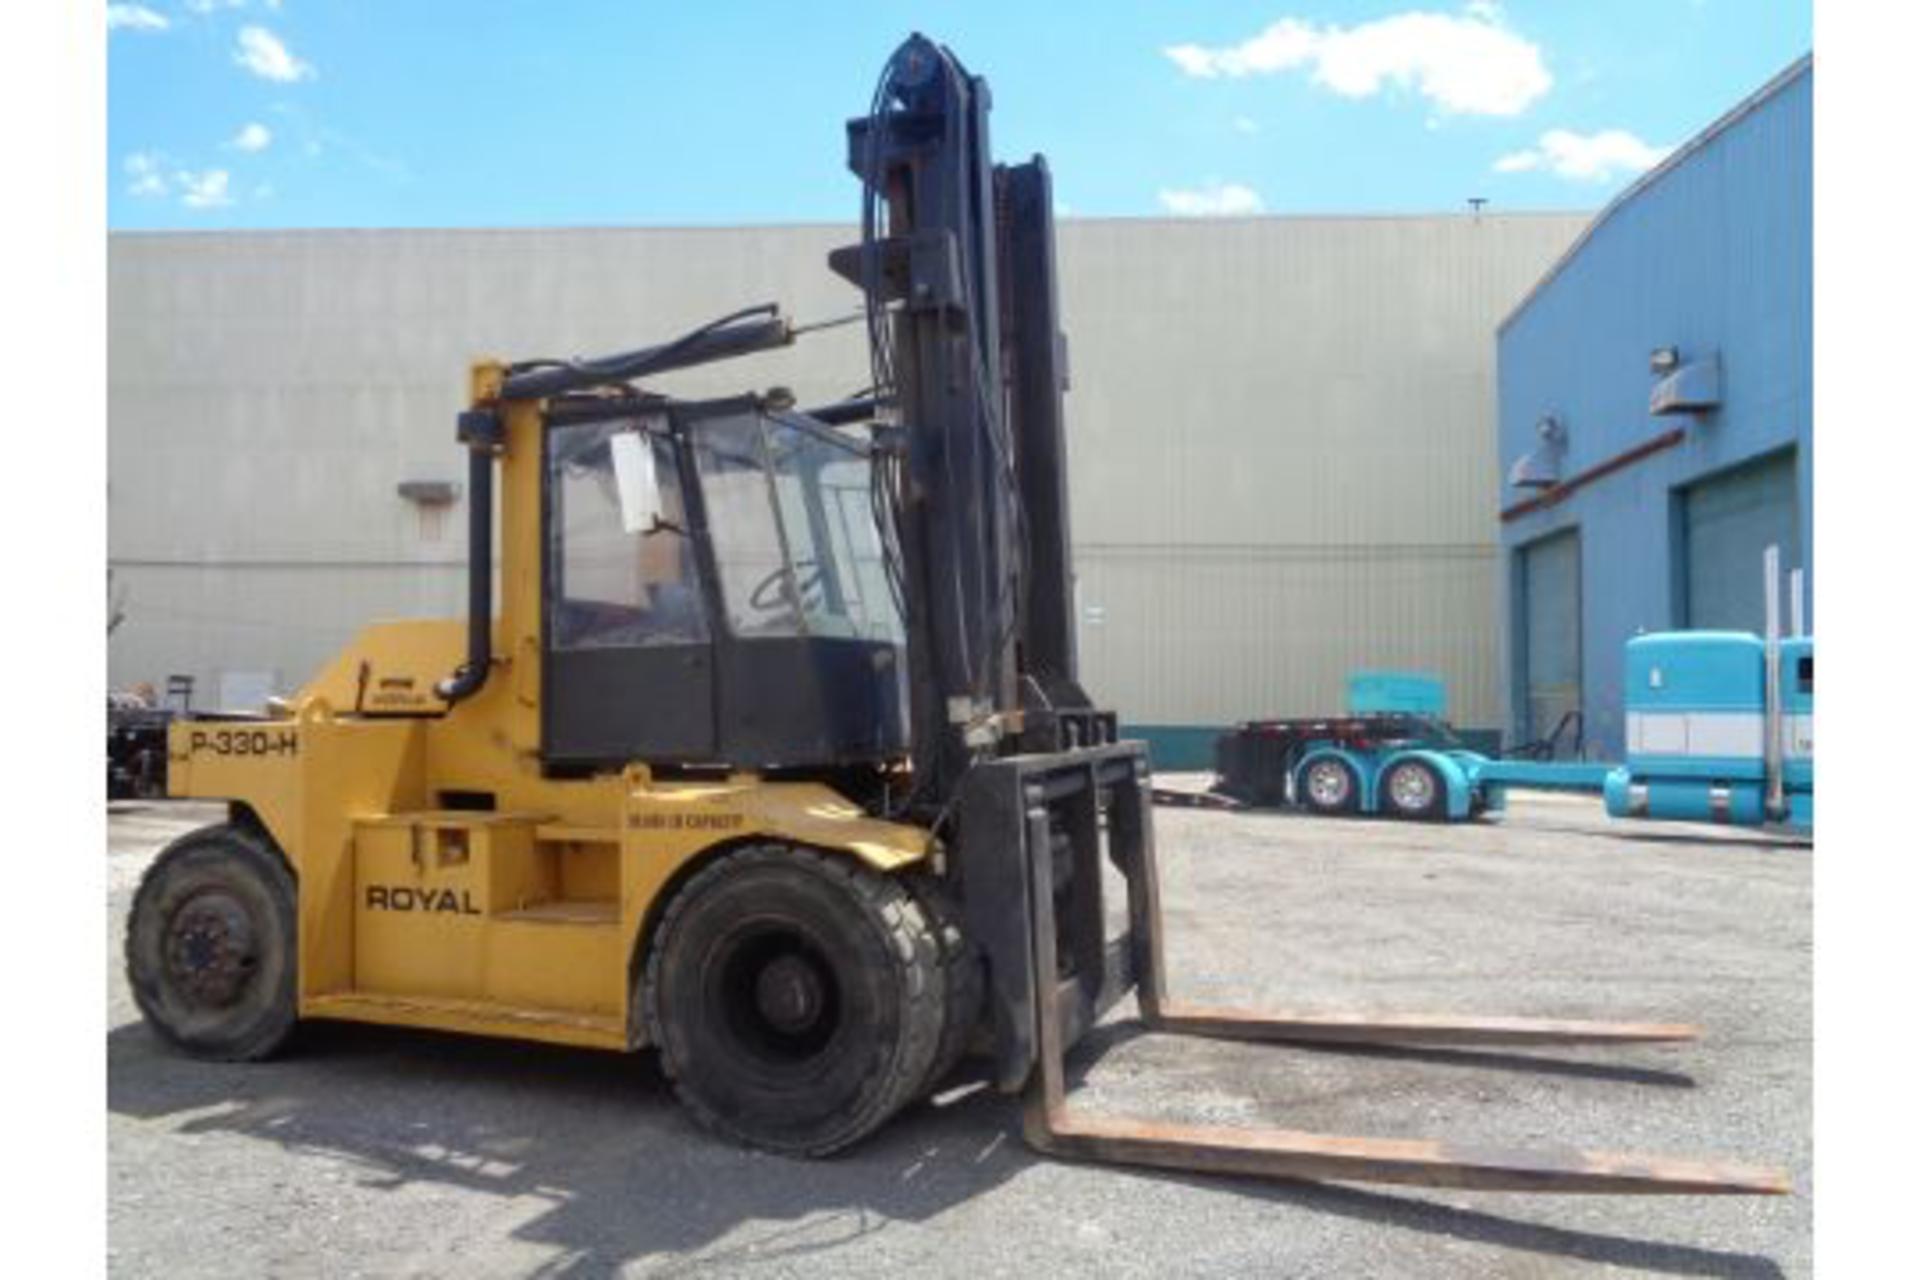 1998 Royal P330H 36,000lb Forklift - Image 10 of 19